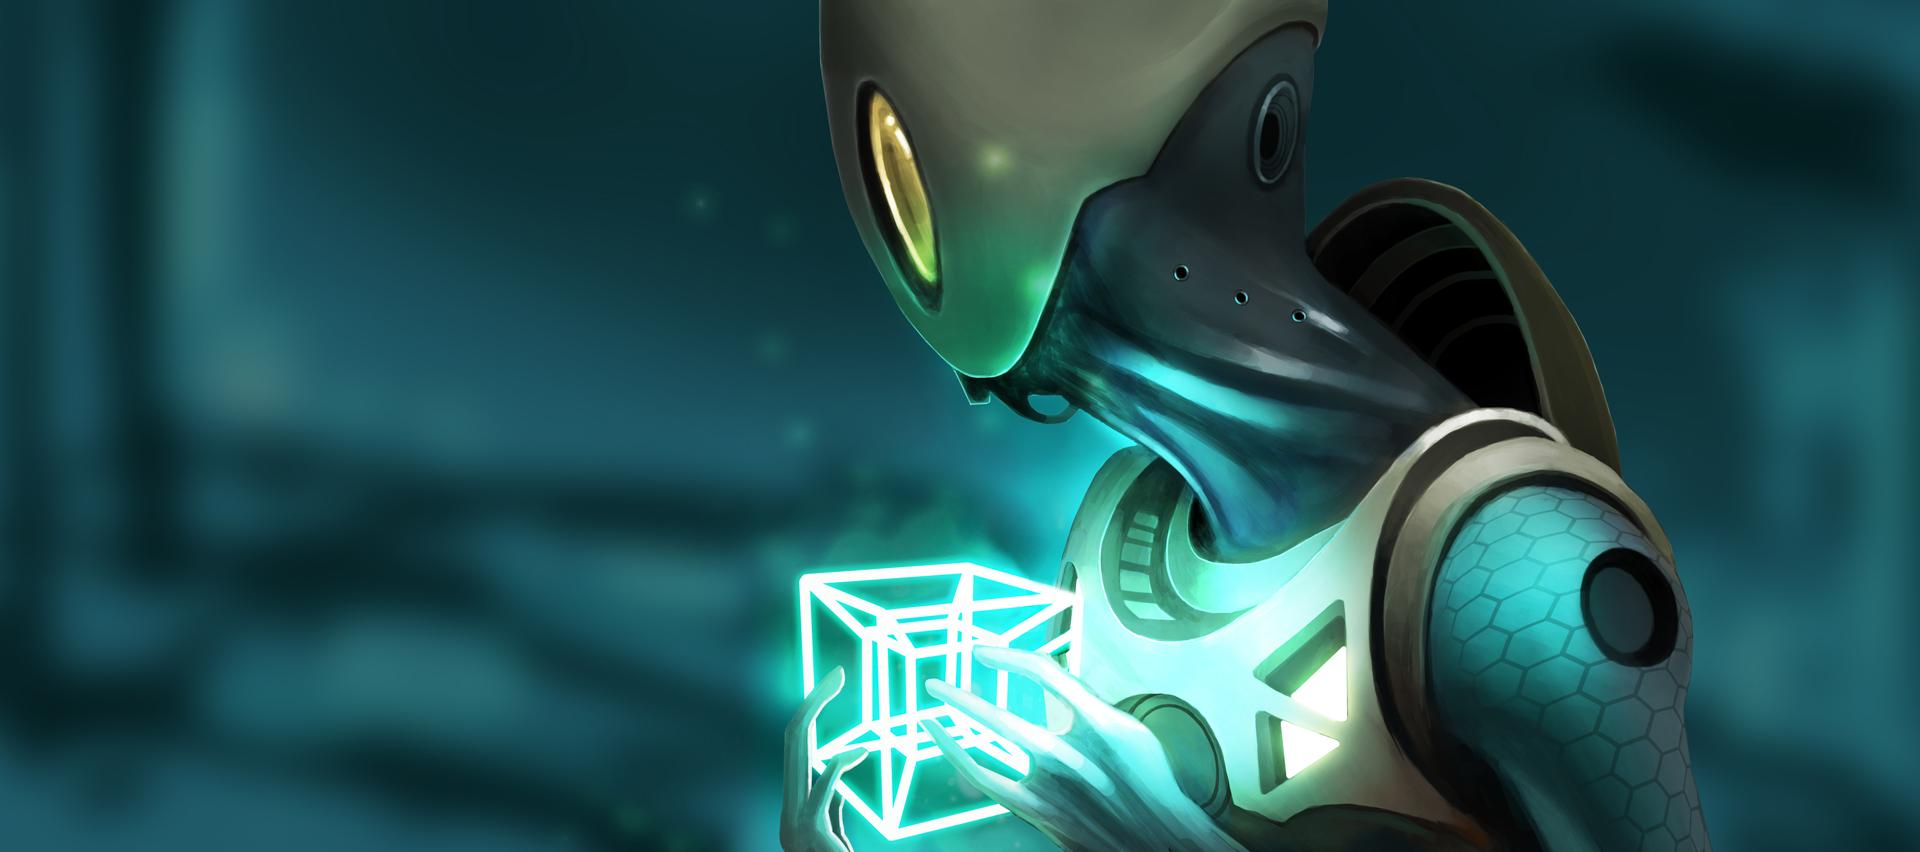 Чип искуственного интеллекта Bitmain, названный Sophon (в честь крошечного суперкомпьютера из популярного китайского научно-фантастического романа The Three-Body Problem), вышел через пять месяцев после подобного проекта Google — Tensor Processing Unit.